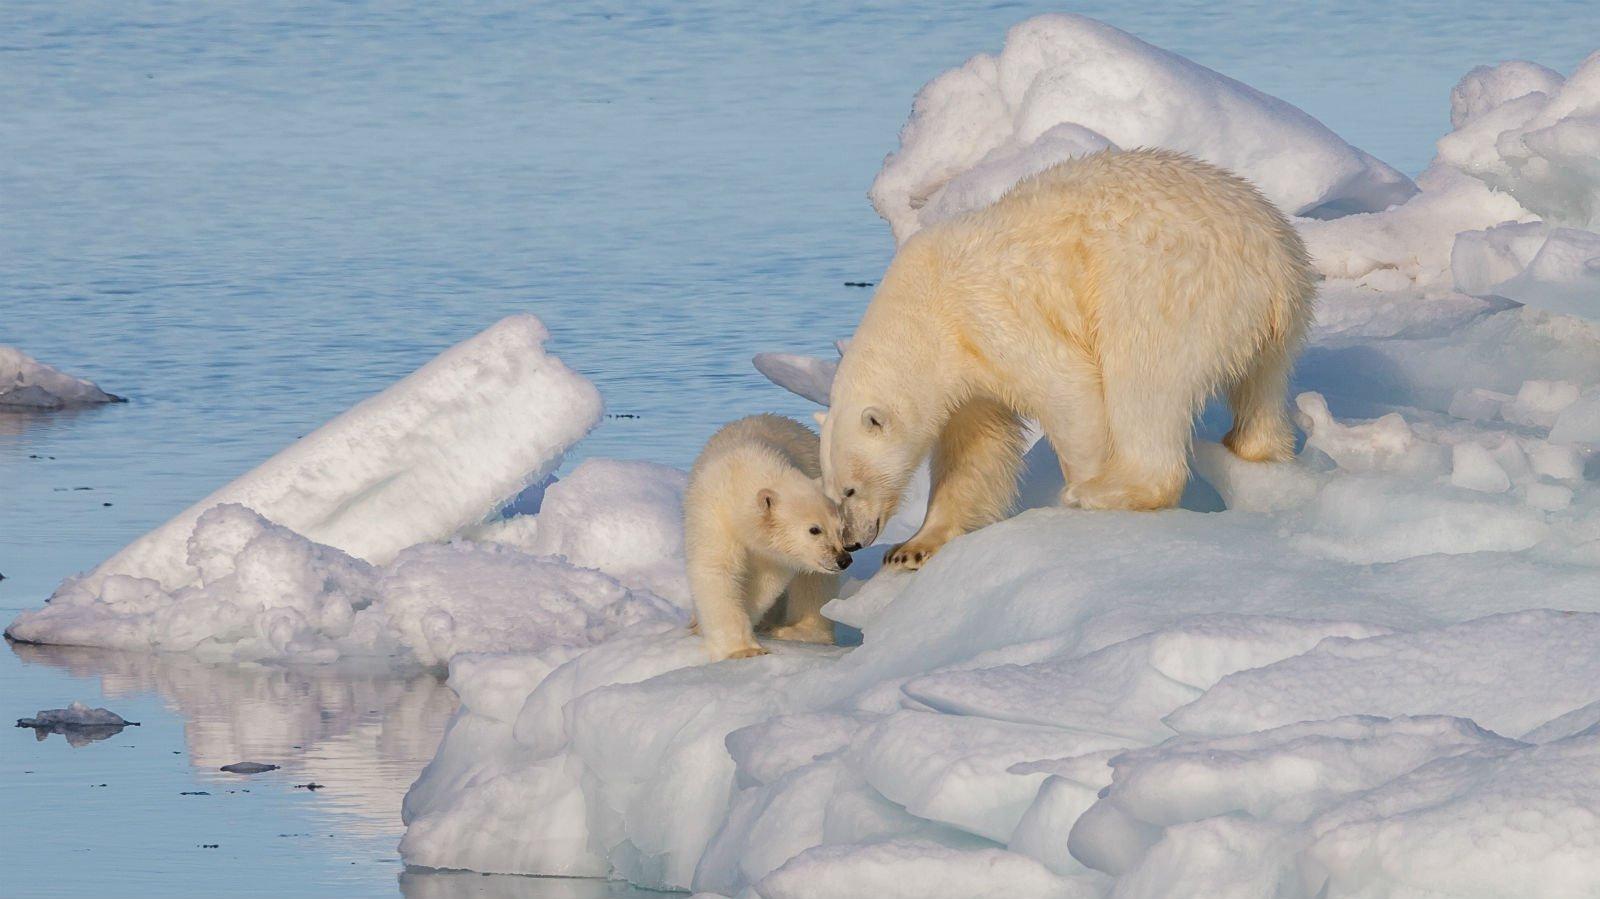 Bliv klogere på global opvarmning i dette tema.